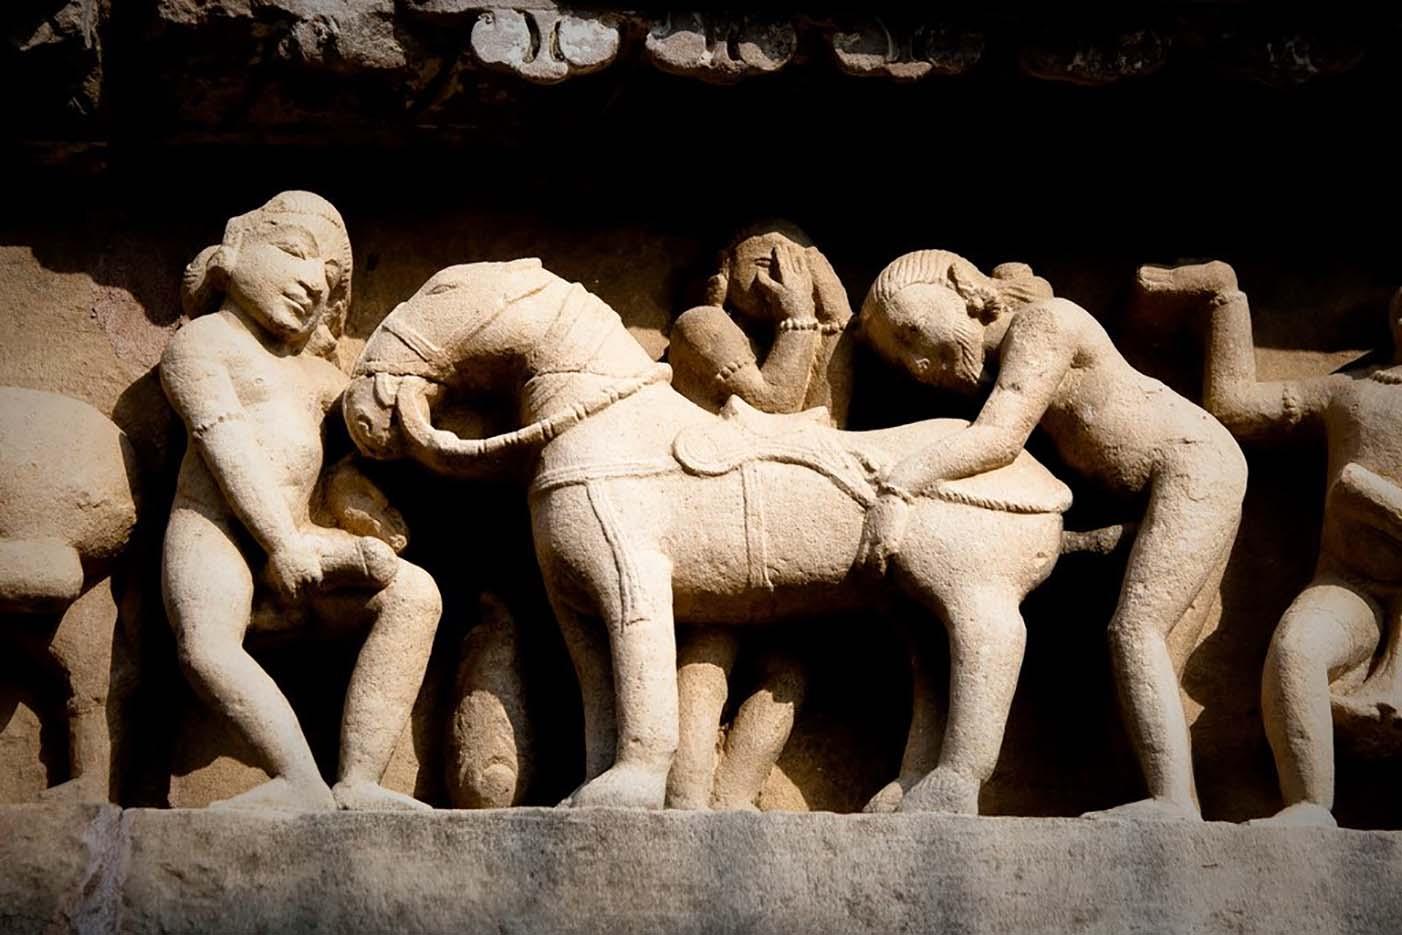 Храмы Кхаджурахо, Khajuraho Temples - 45